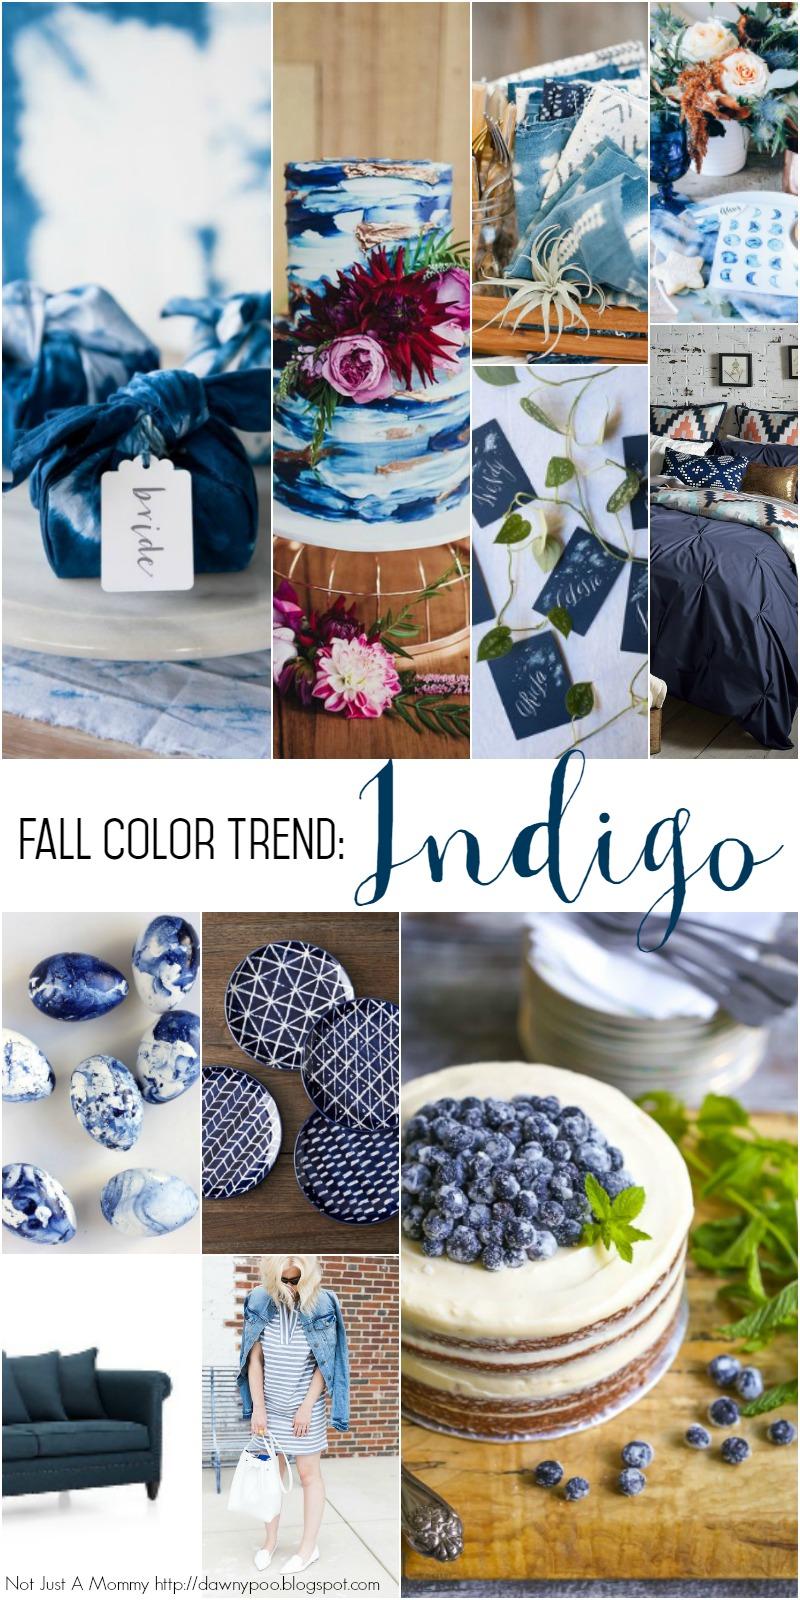 Fall Color Trend: Indigo